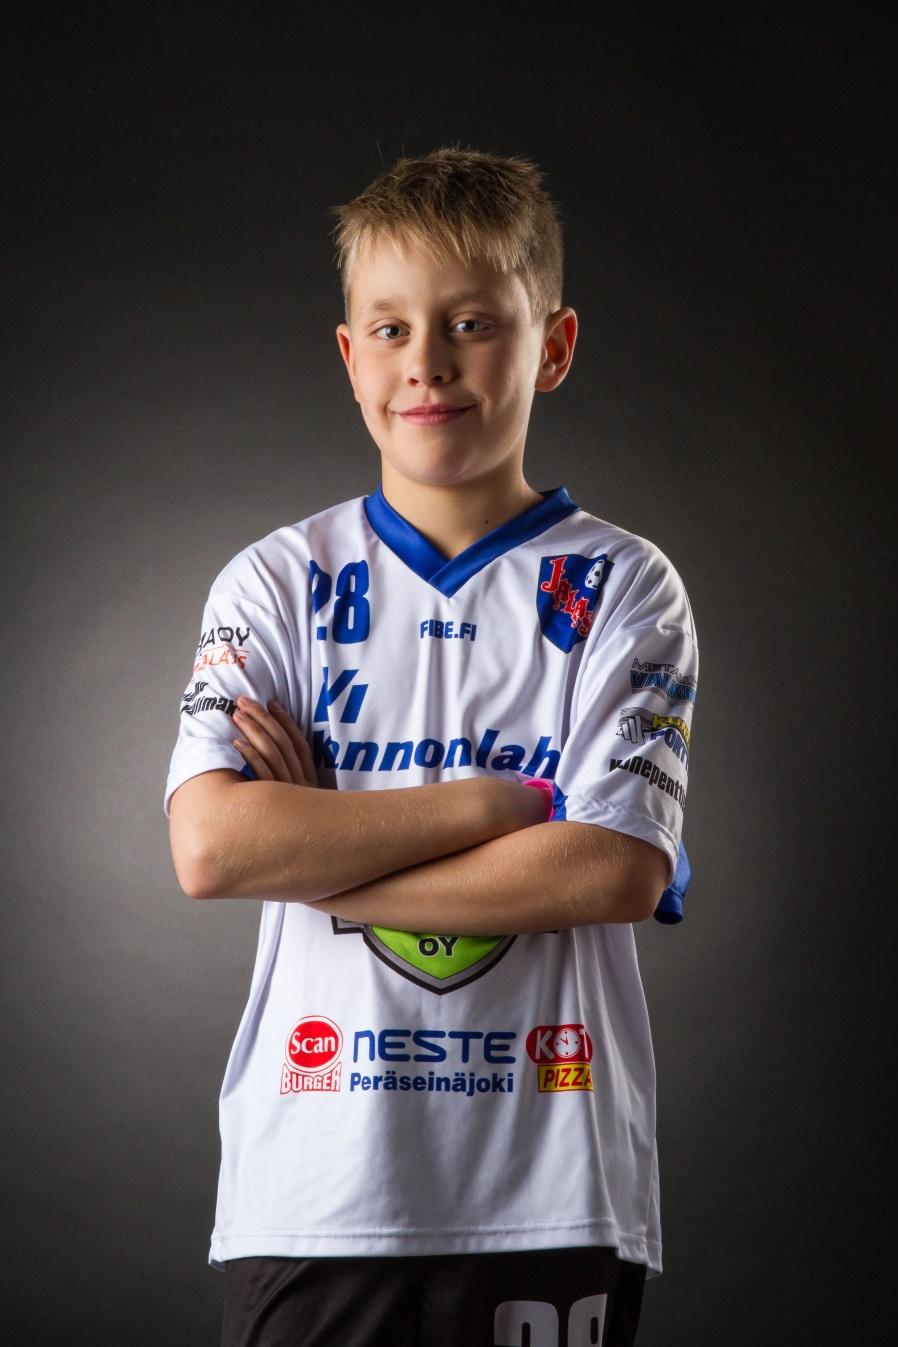 #28 Tuukka Heinola